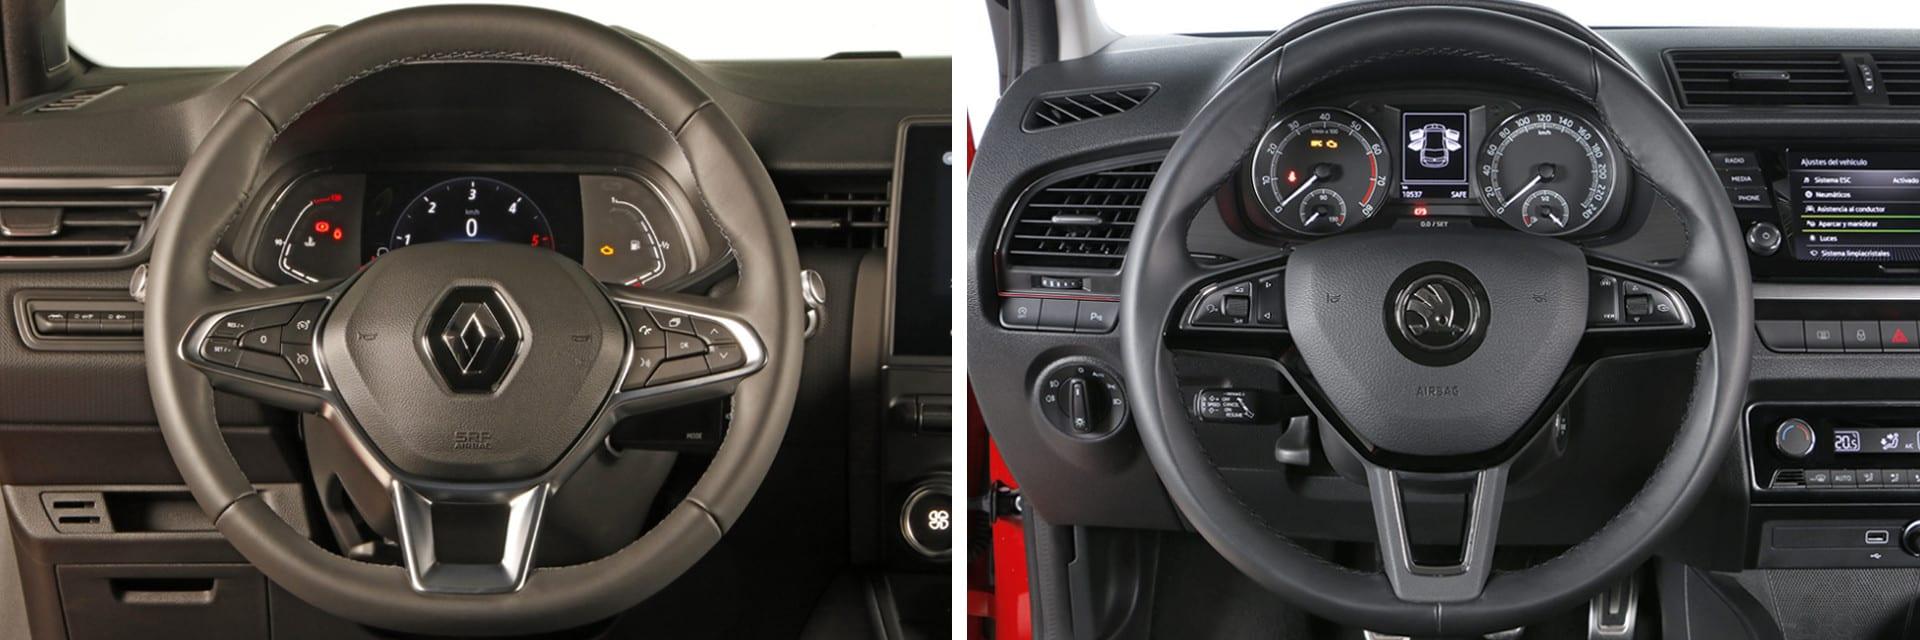 En ambos vehículos es fácil que personas de diferentes tallas se encuentren a gusto al  permitir grandes ajustes tanto en el volante y como en el asiento. / km77